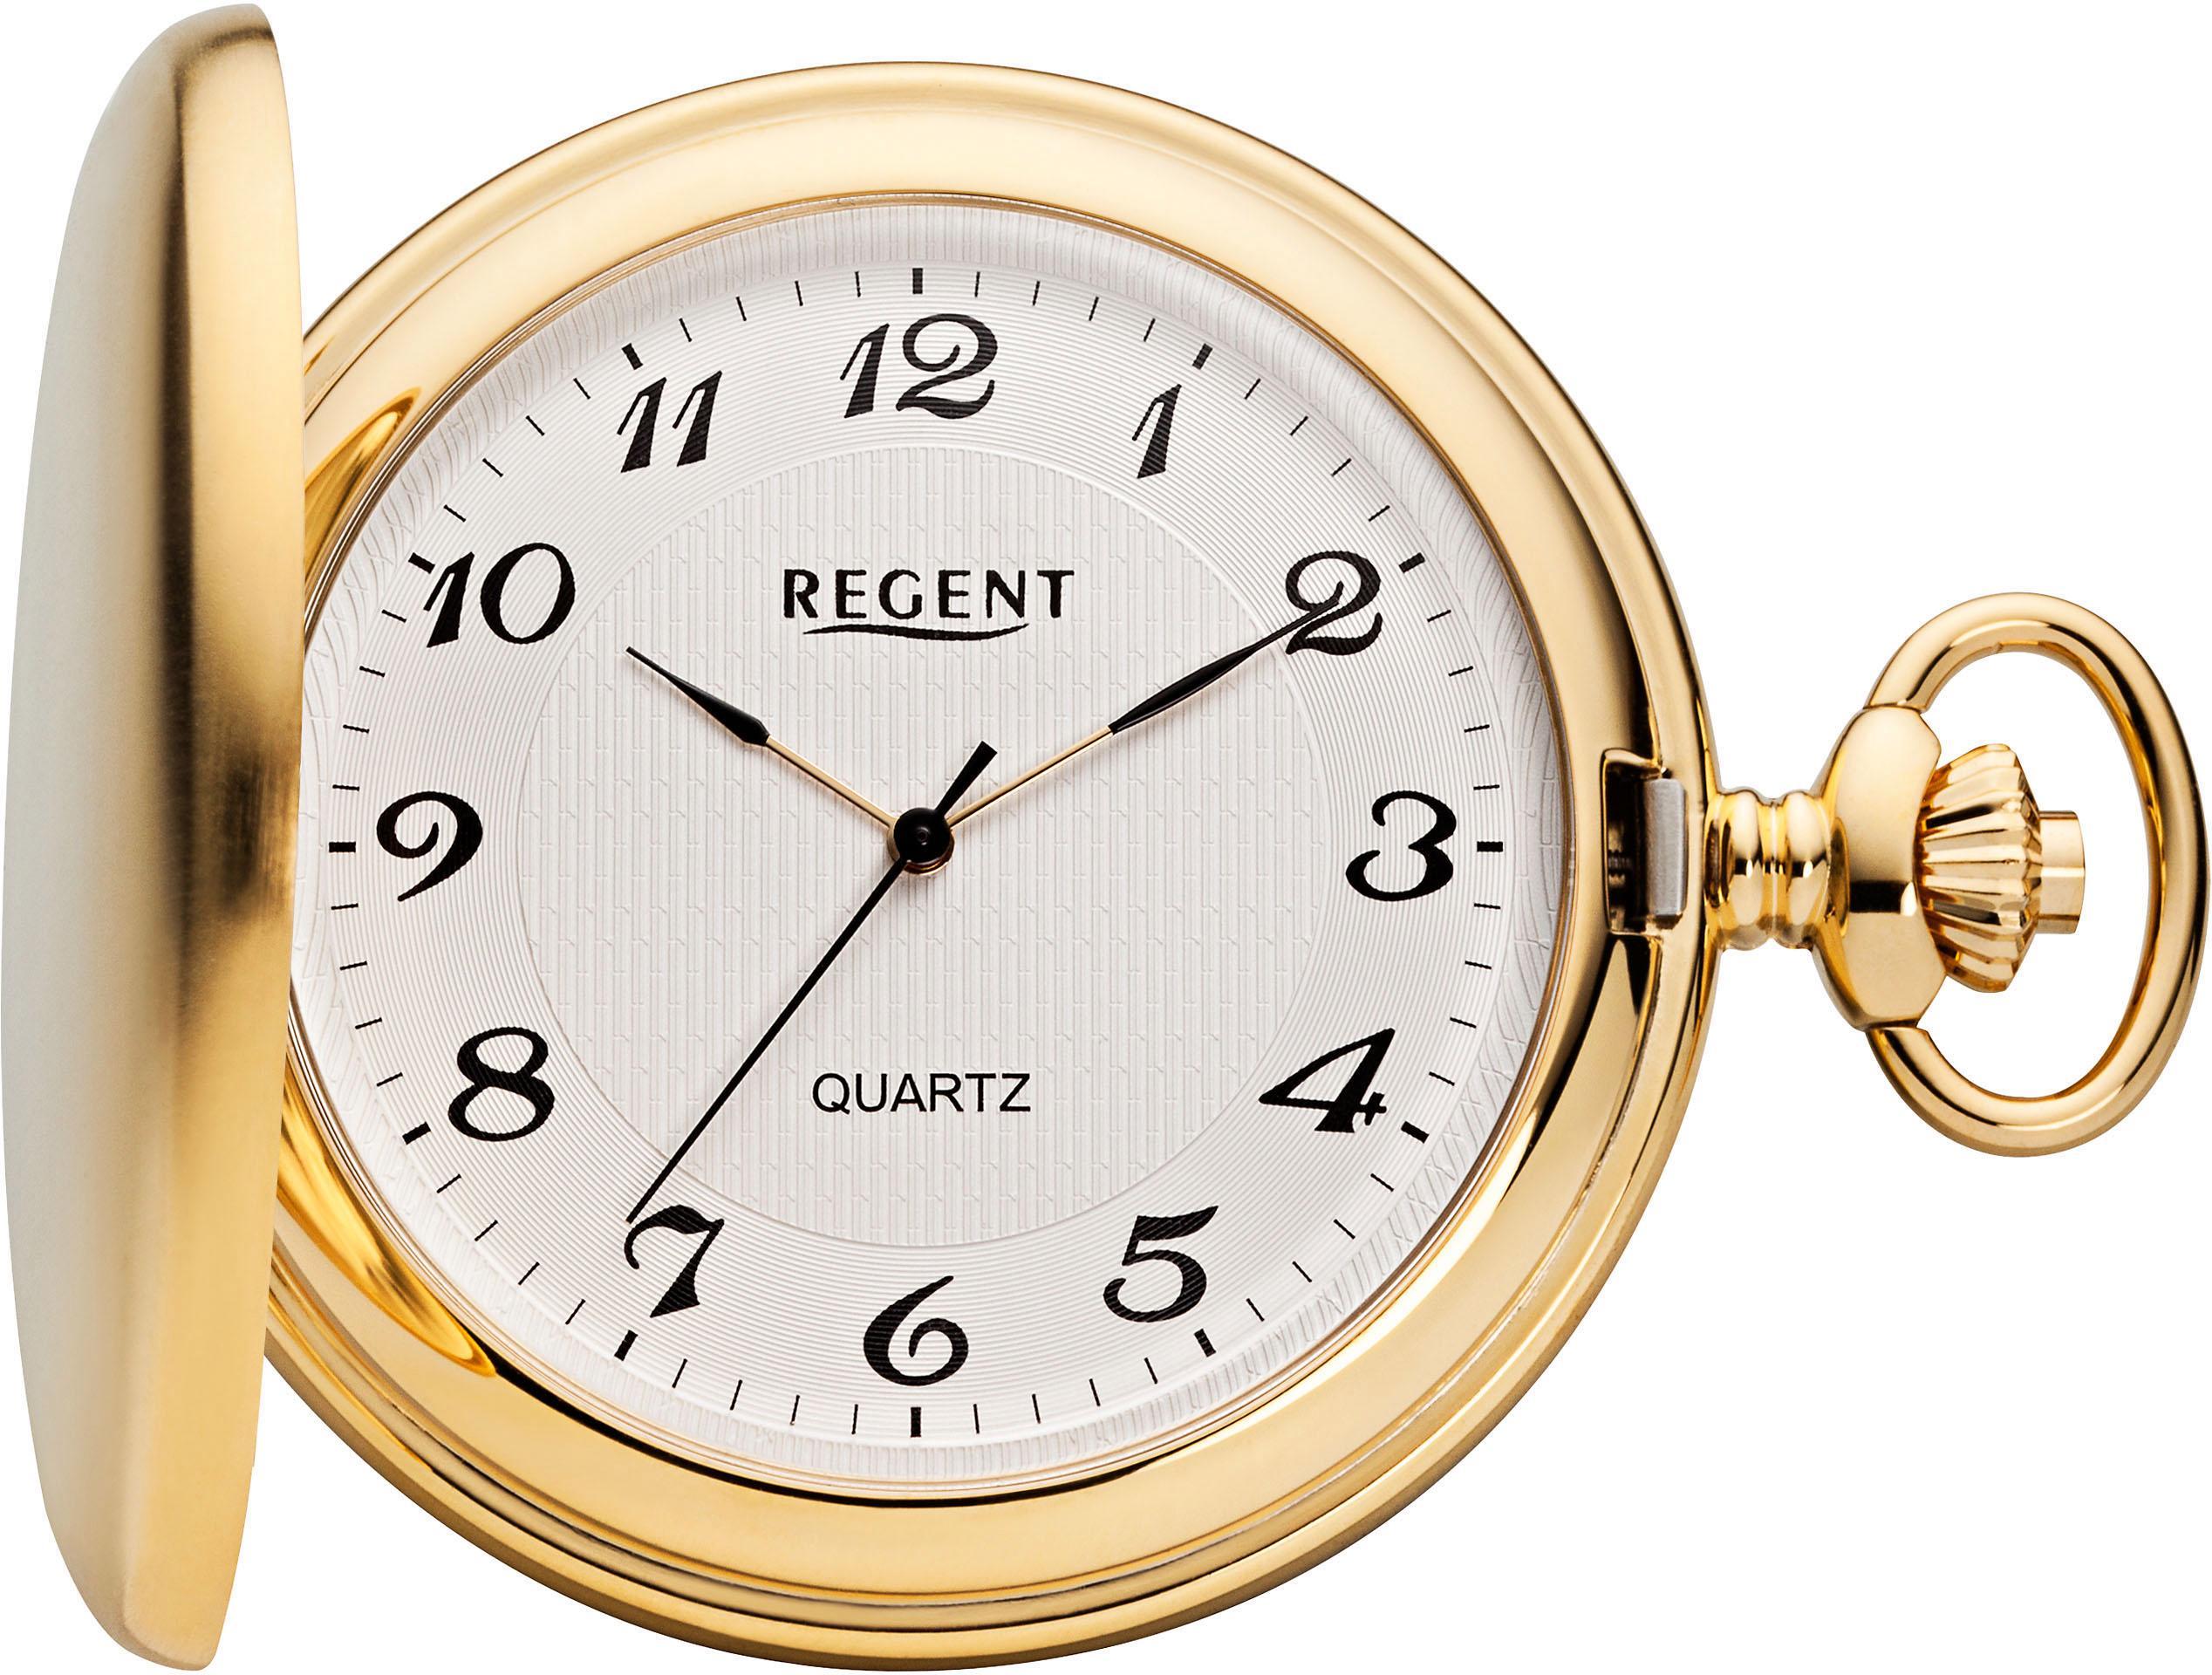 Regent Taschenuhr P23 (Set 2 tlg inkl Kette) | Uhren > Taschenuhren | Goldfarben | Regent